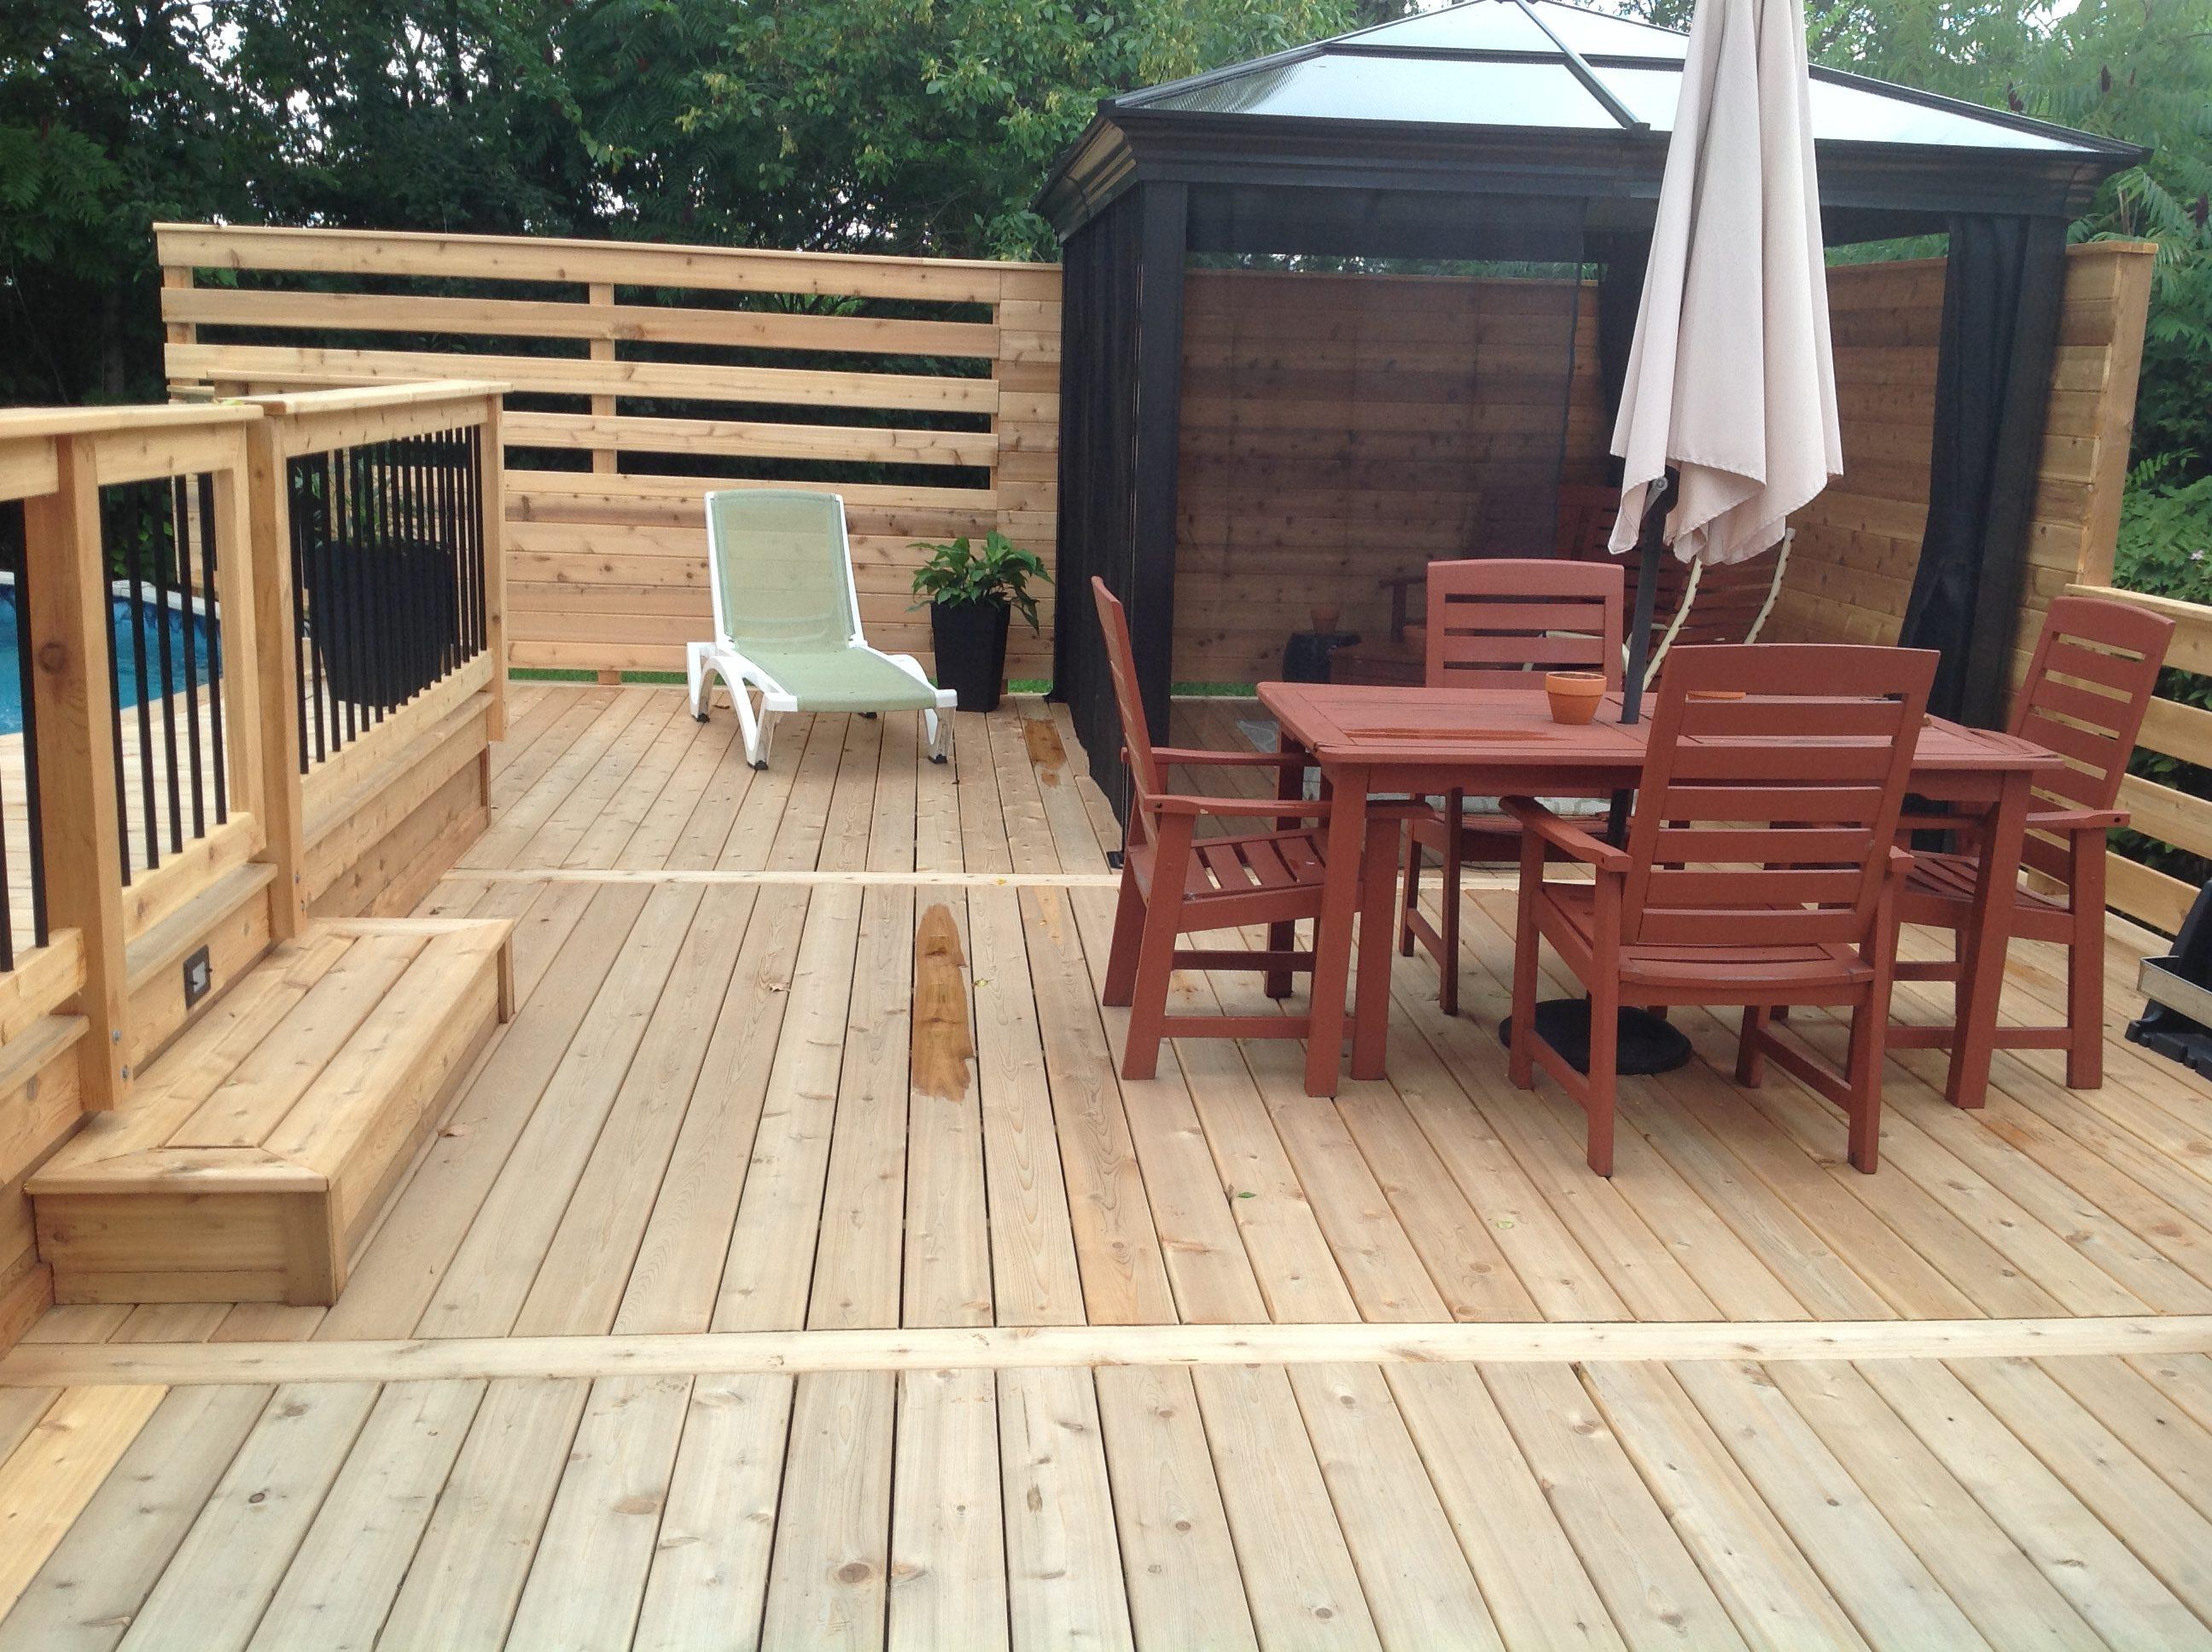 cedre rouge de l ouest patio tendance. Black Bedroom Furniture Sets. Home Design Ideas